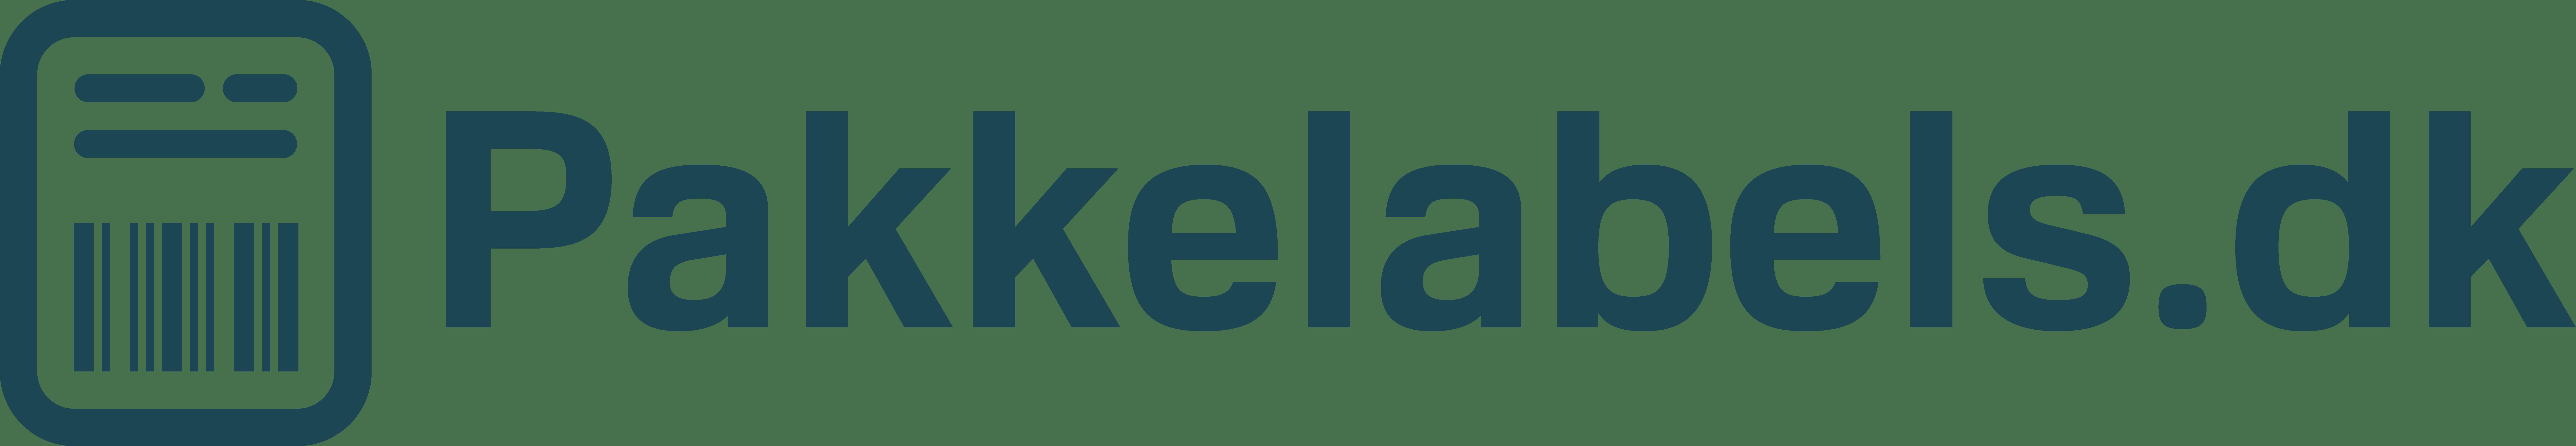 Webshop med Pakkelabels